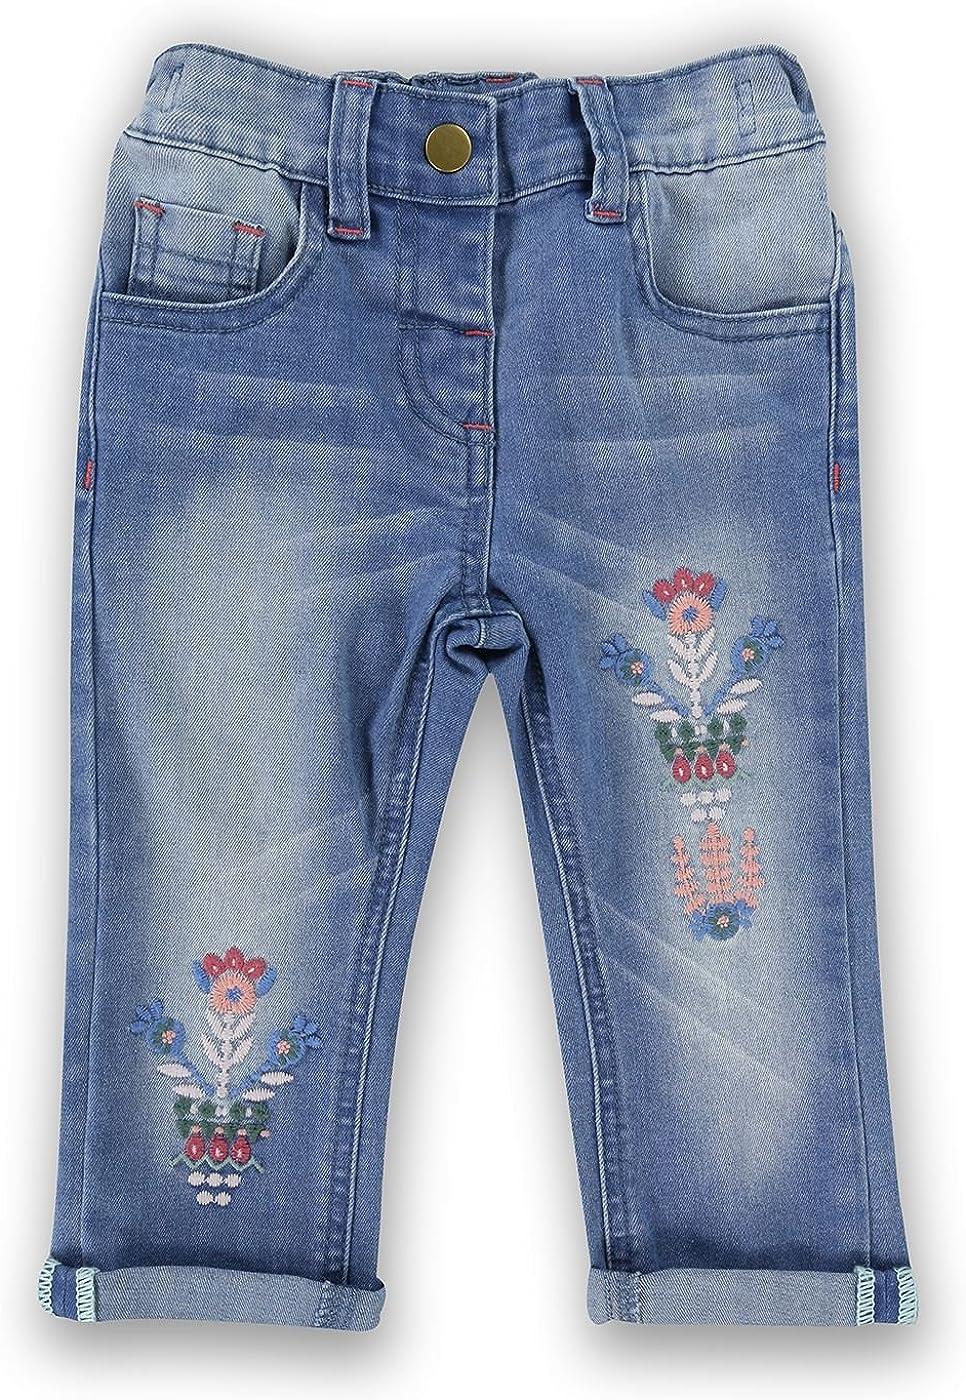 The Essential One - Bebé Infantil Niñas Vaqueros/Pantalones ...